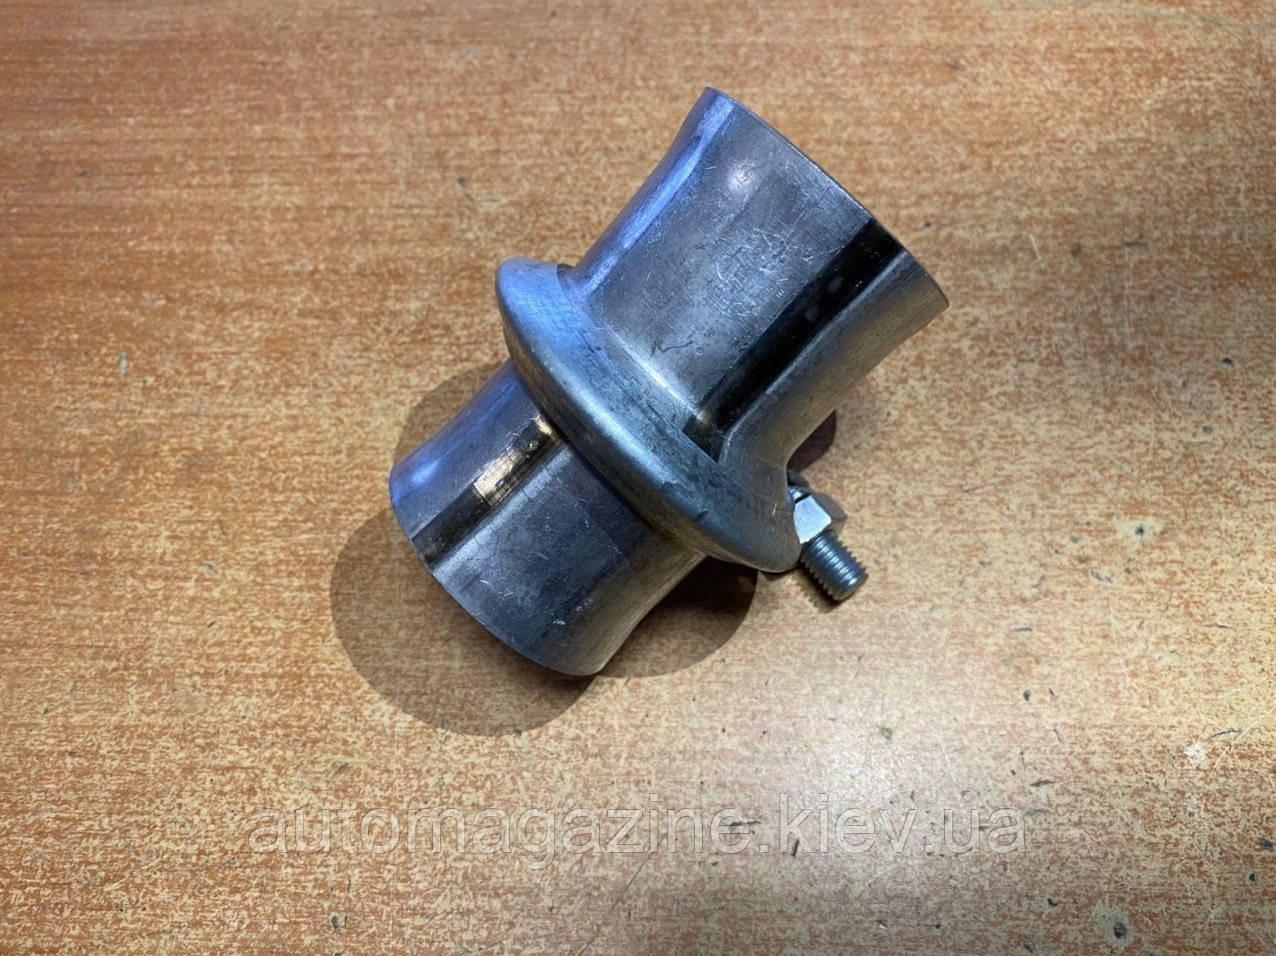 Хомут глушителя с фланцами (55 мм)